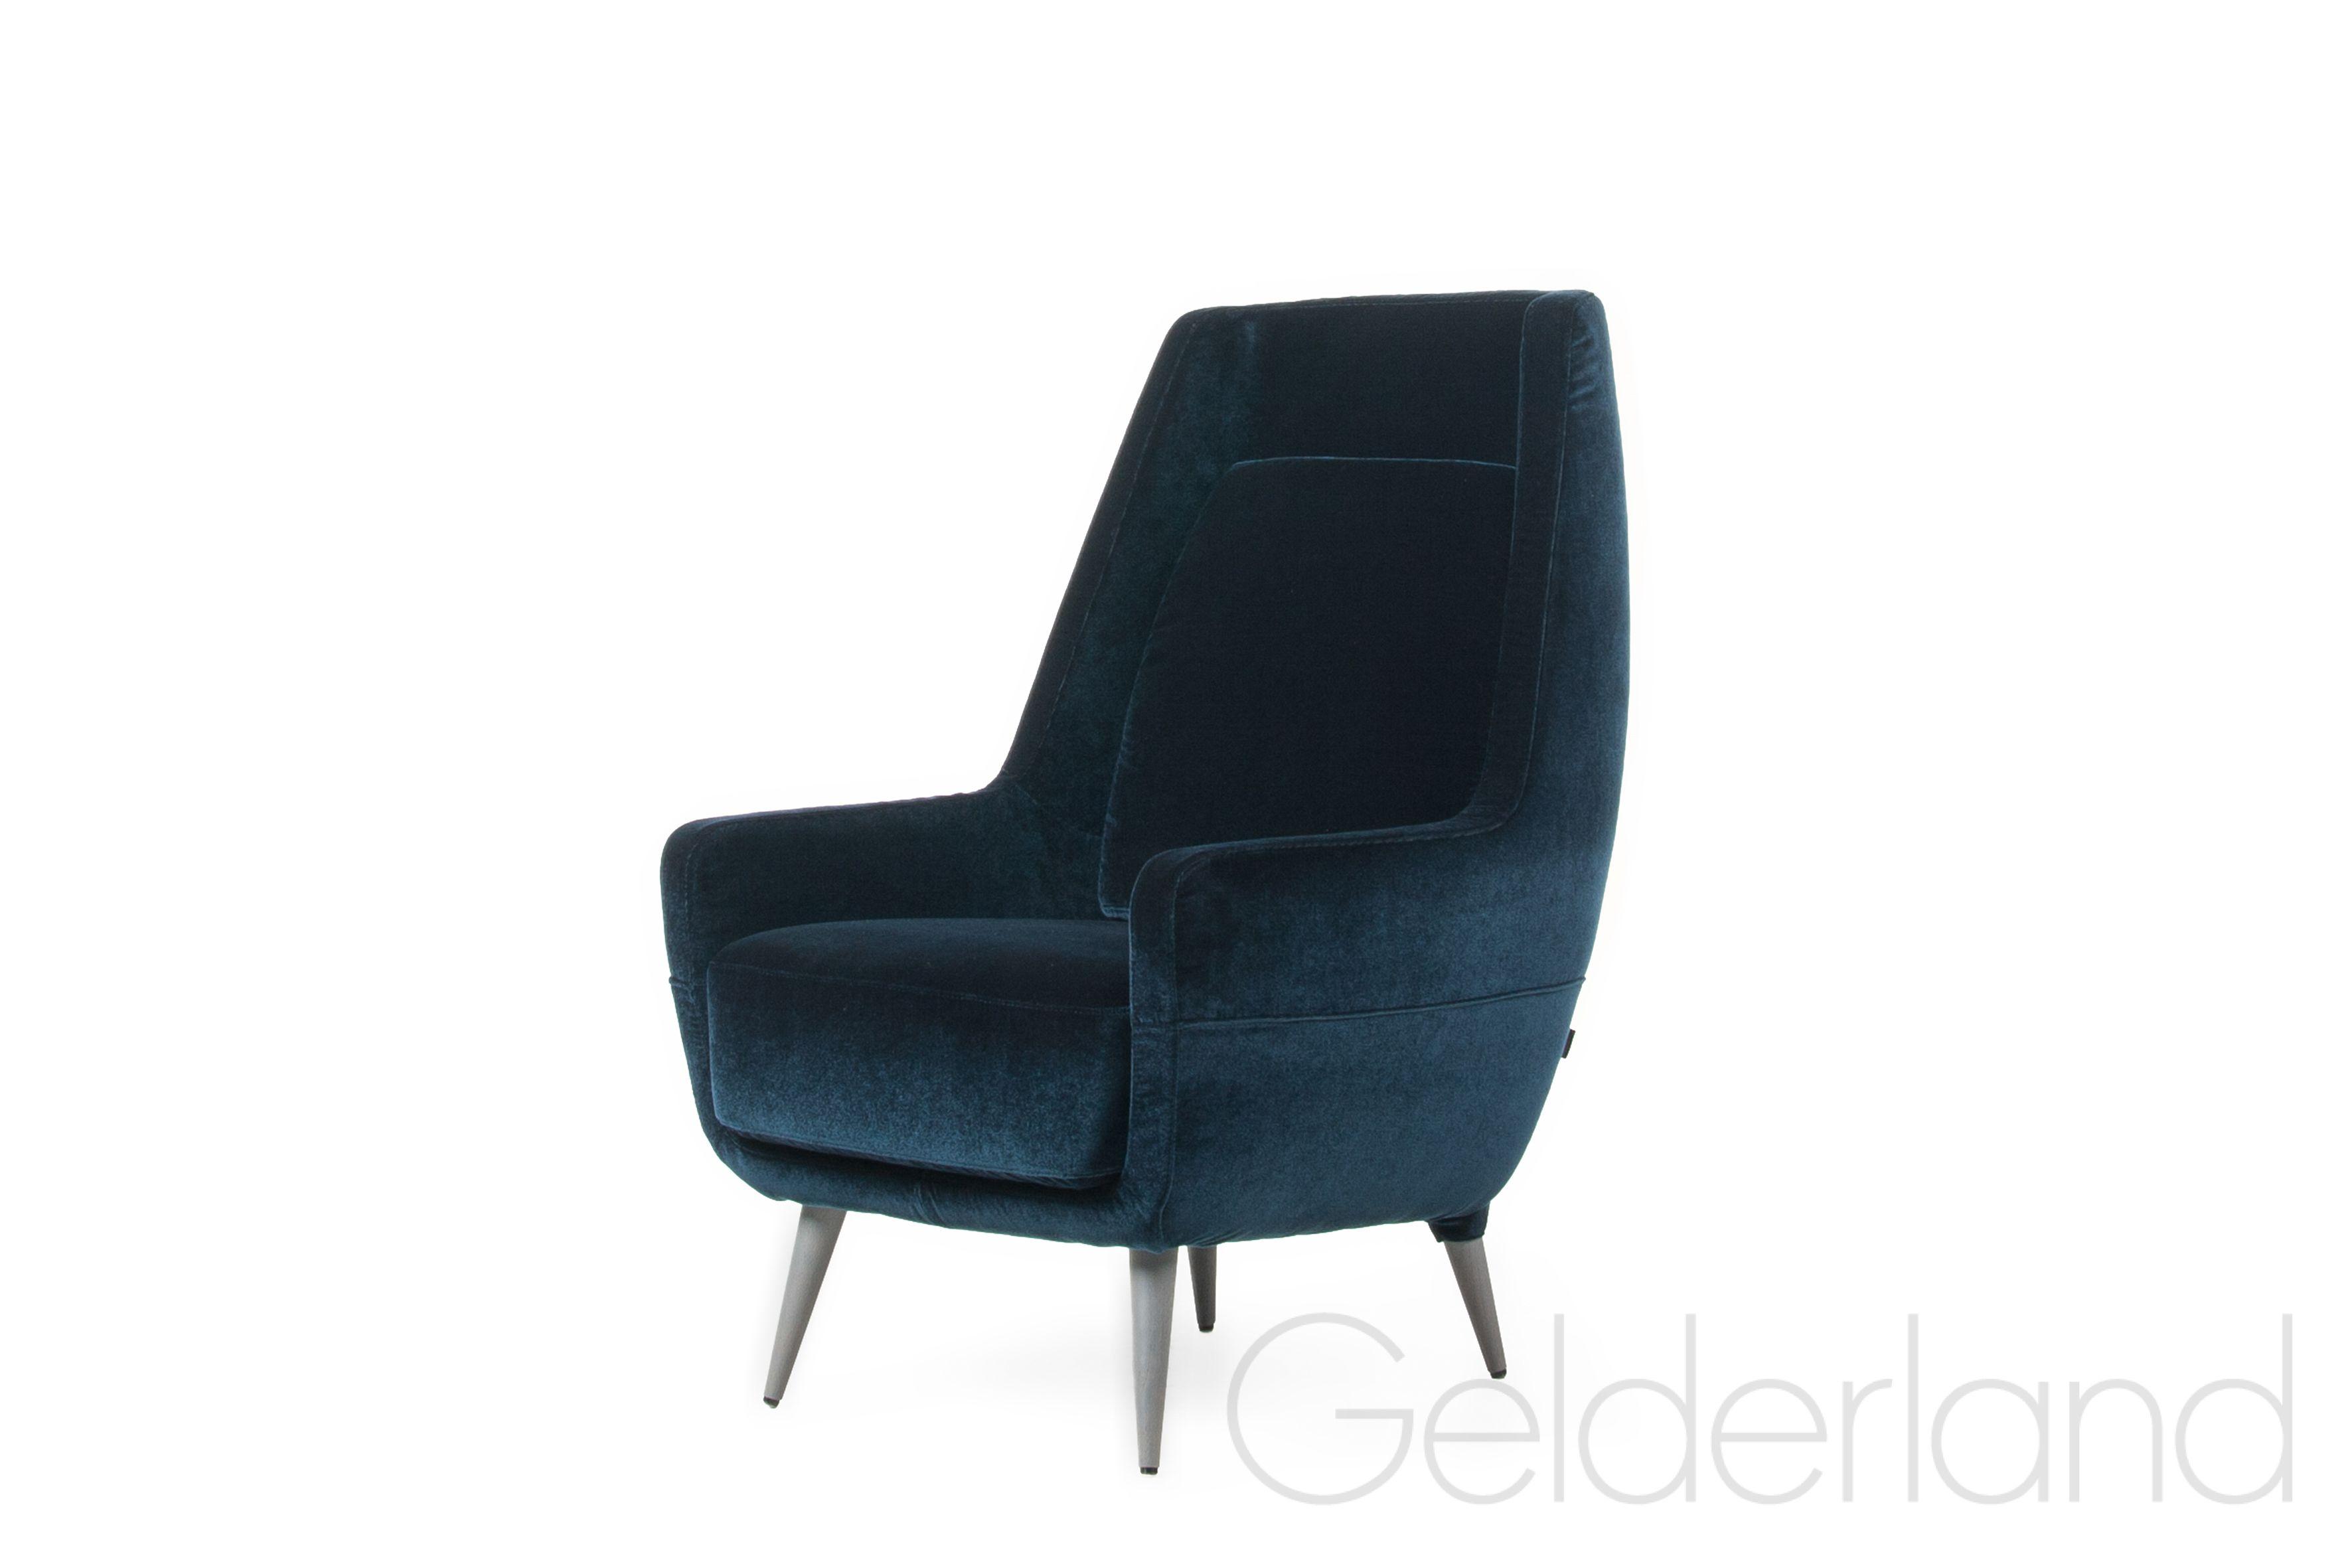 Stoelen Van Gelderland.Gelderland Fauteuil 7860 Tide Chair Design Foklab Velours